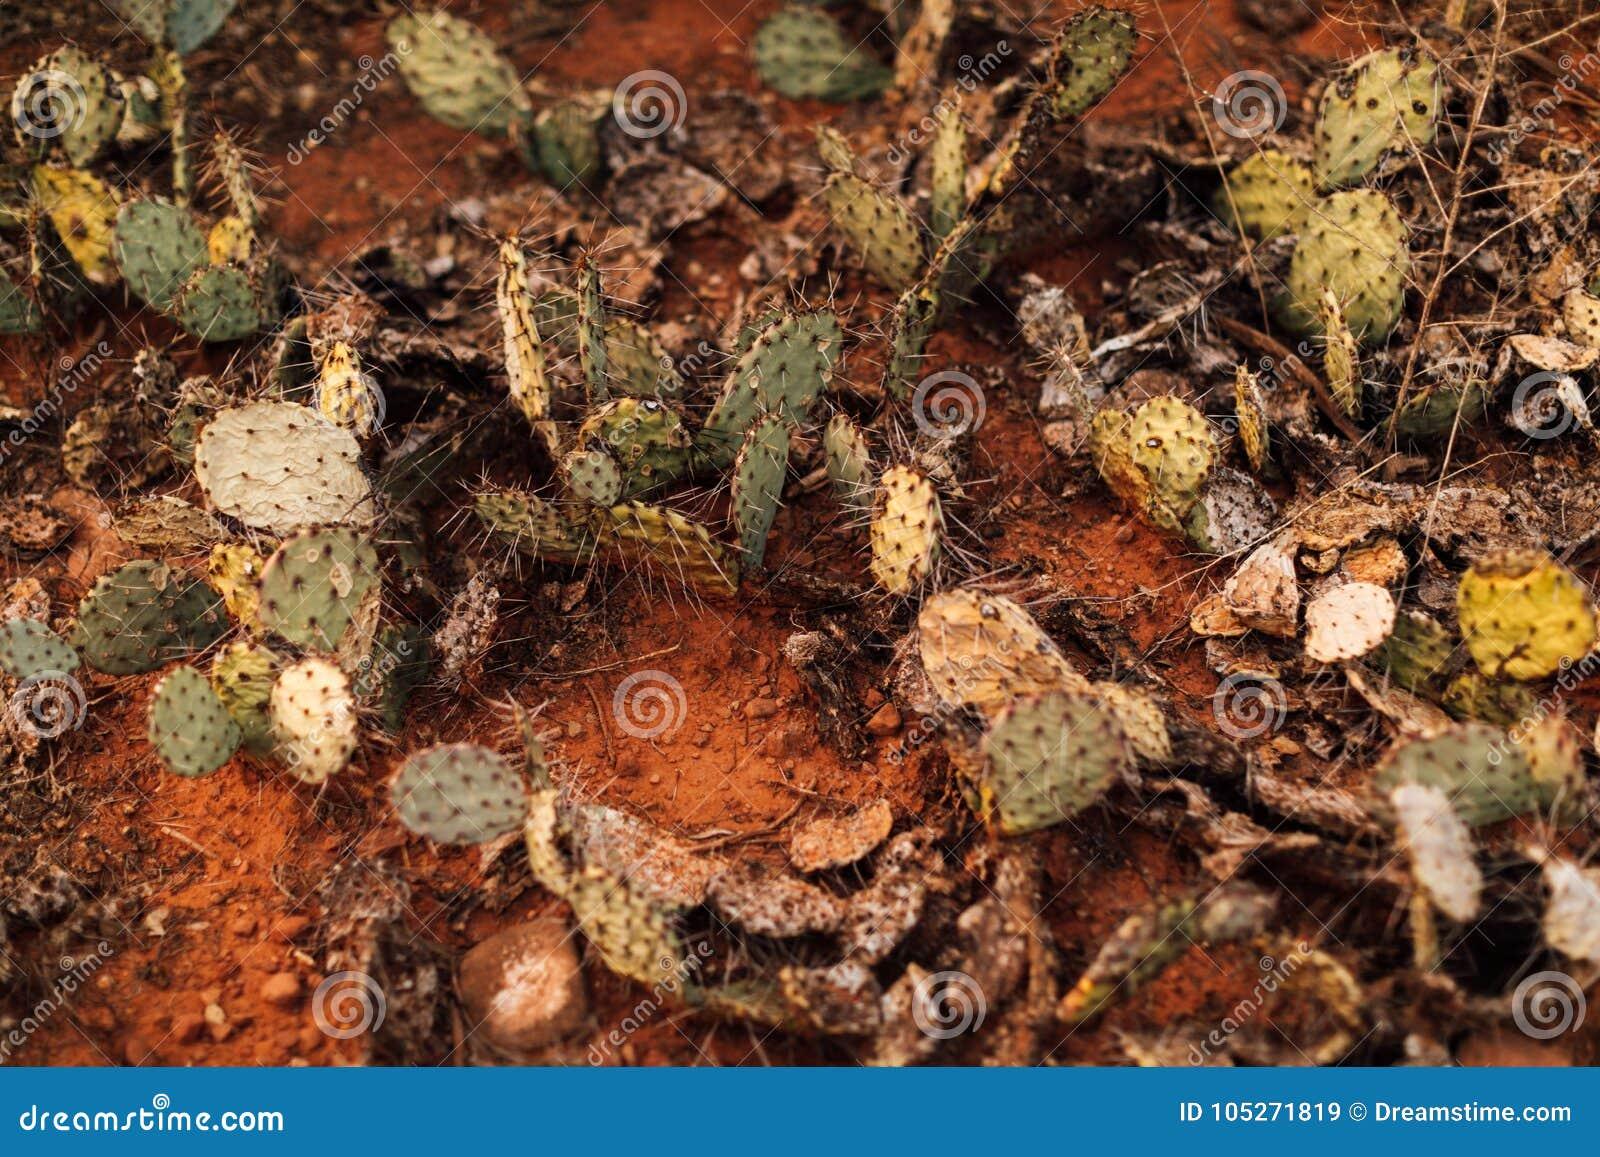 Trockene Kaktusfeigen in der Wüste